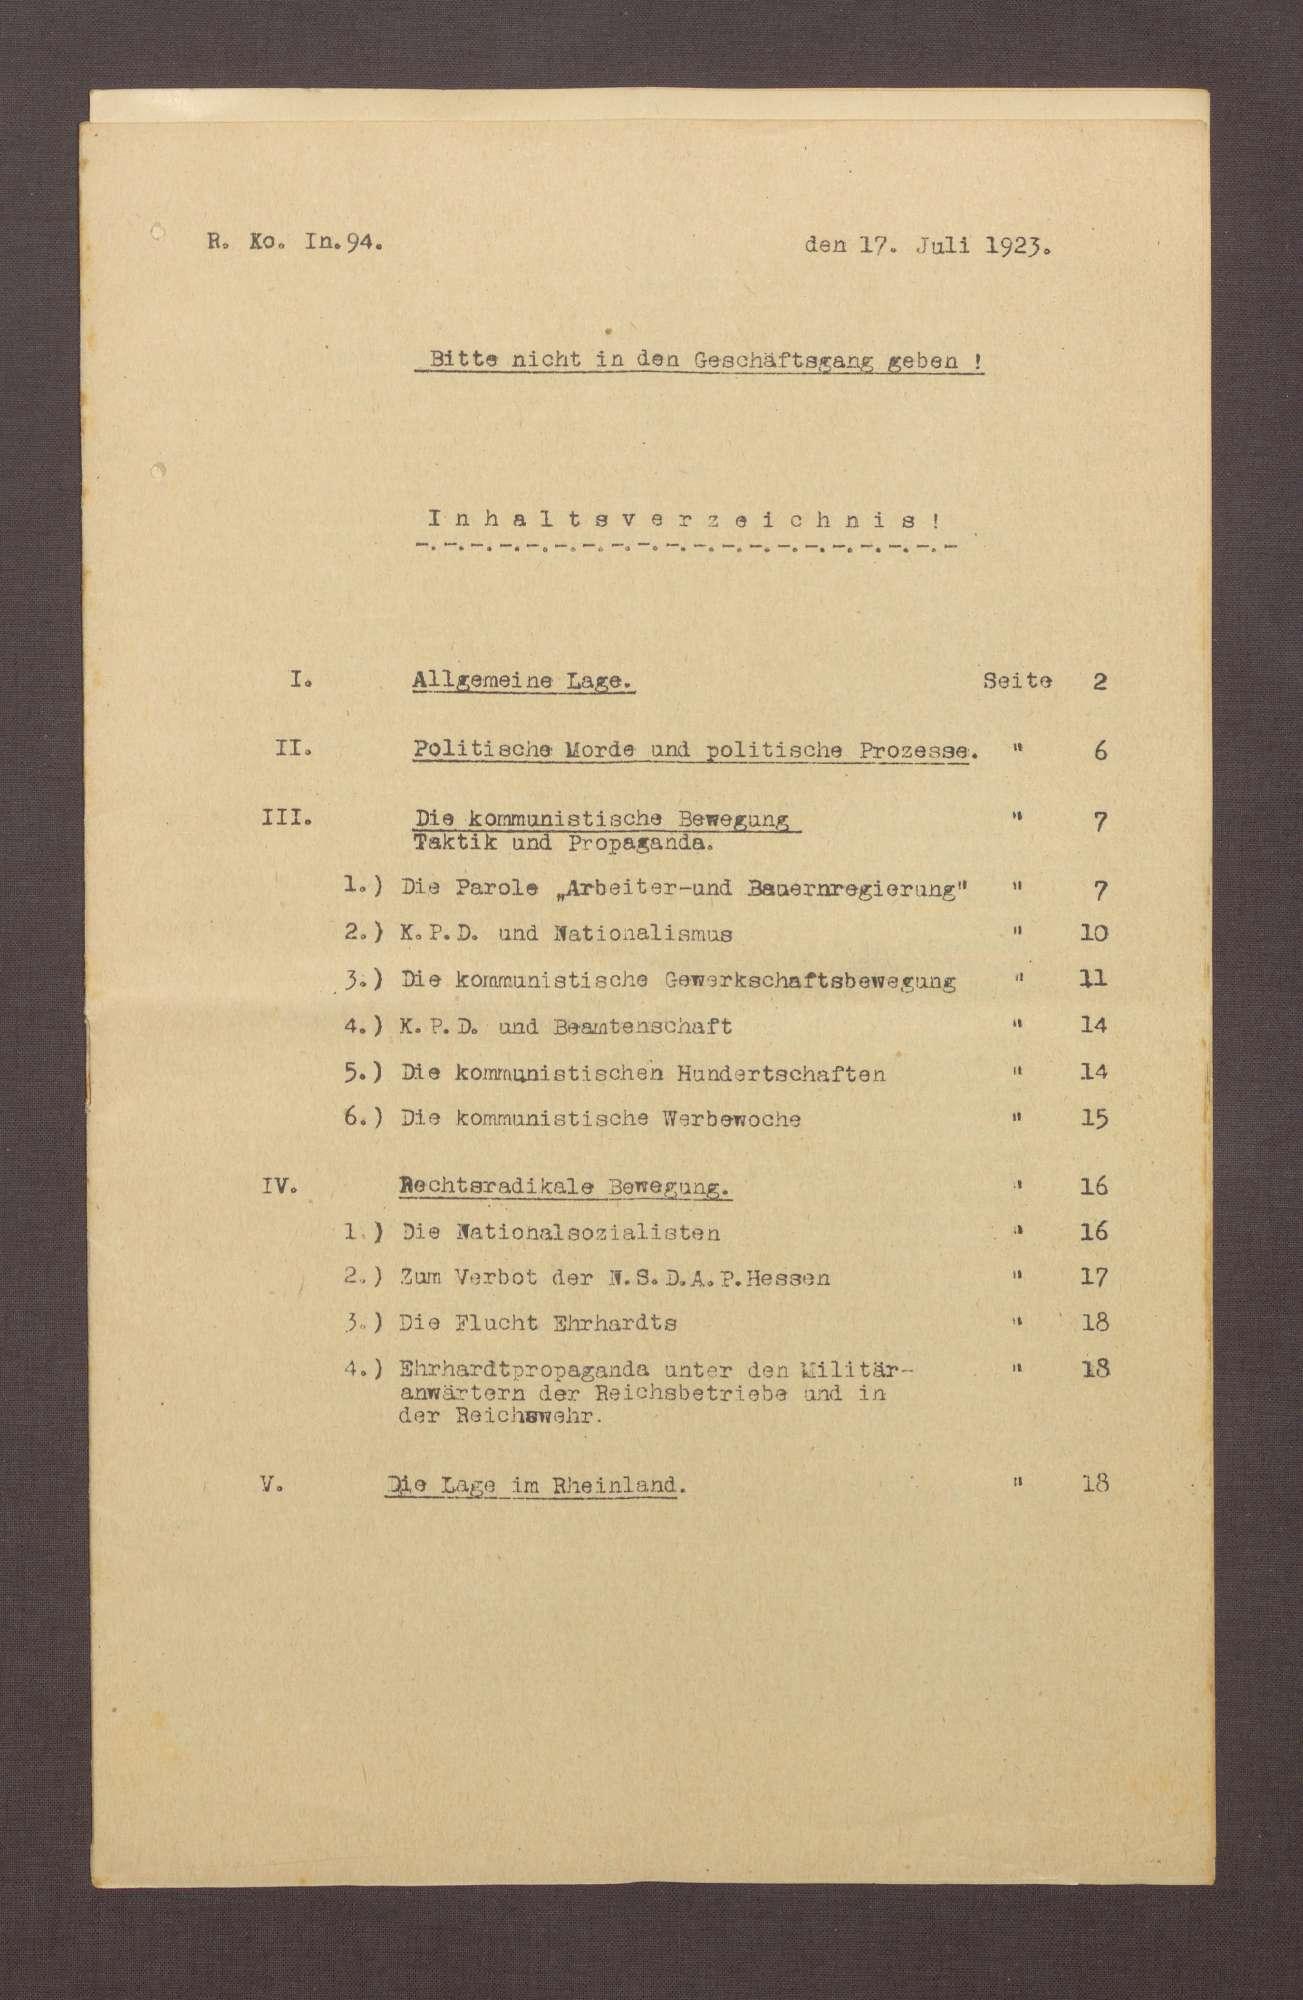 Lageberichte des Reichskommissars für Überwachung der öffentlichen Ordnung, Nr. 94, Bild 1